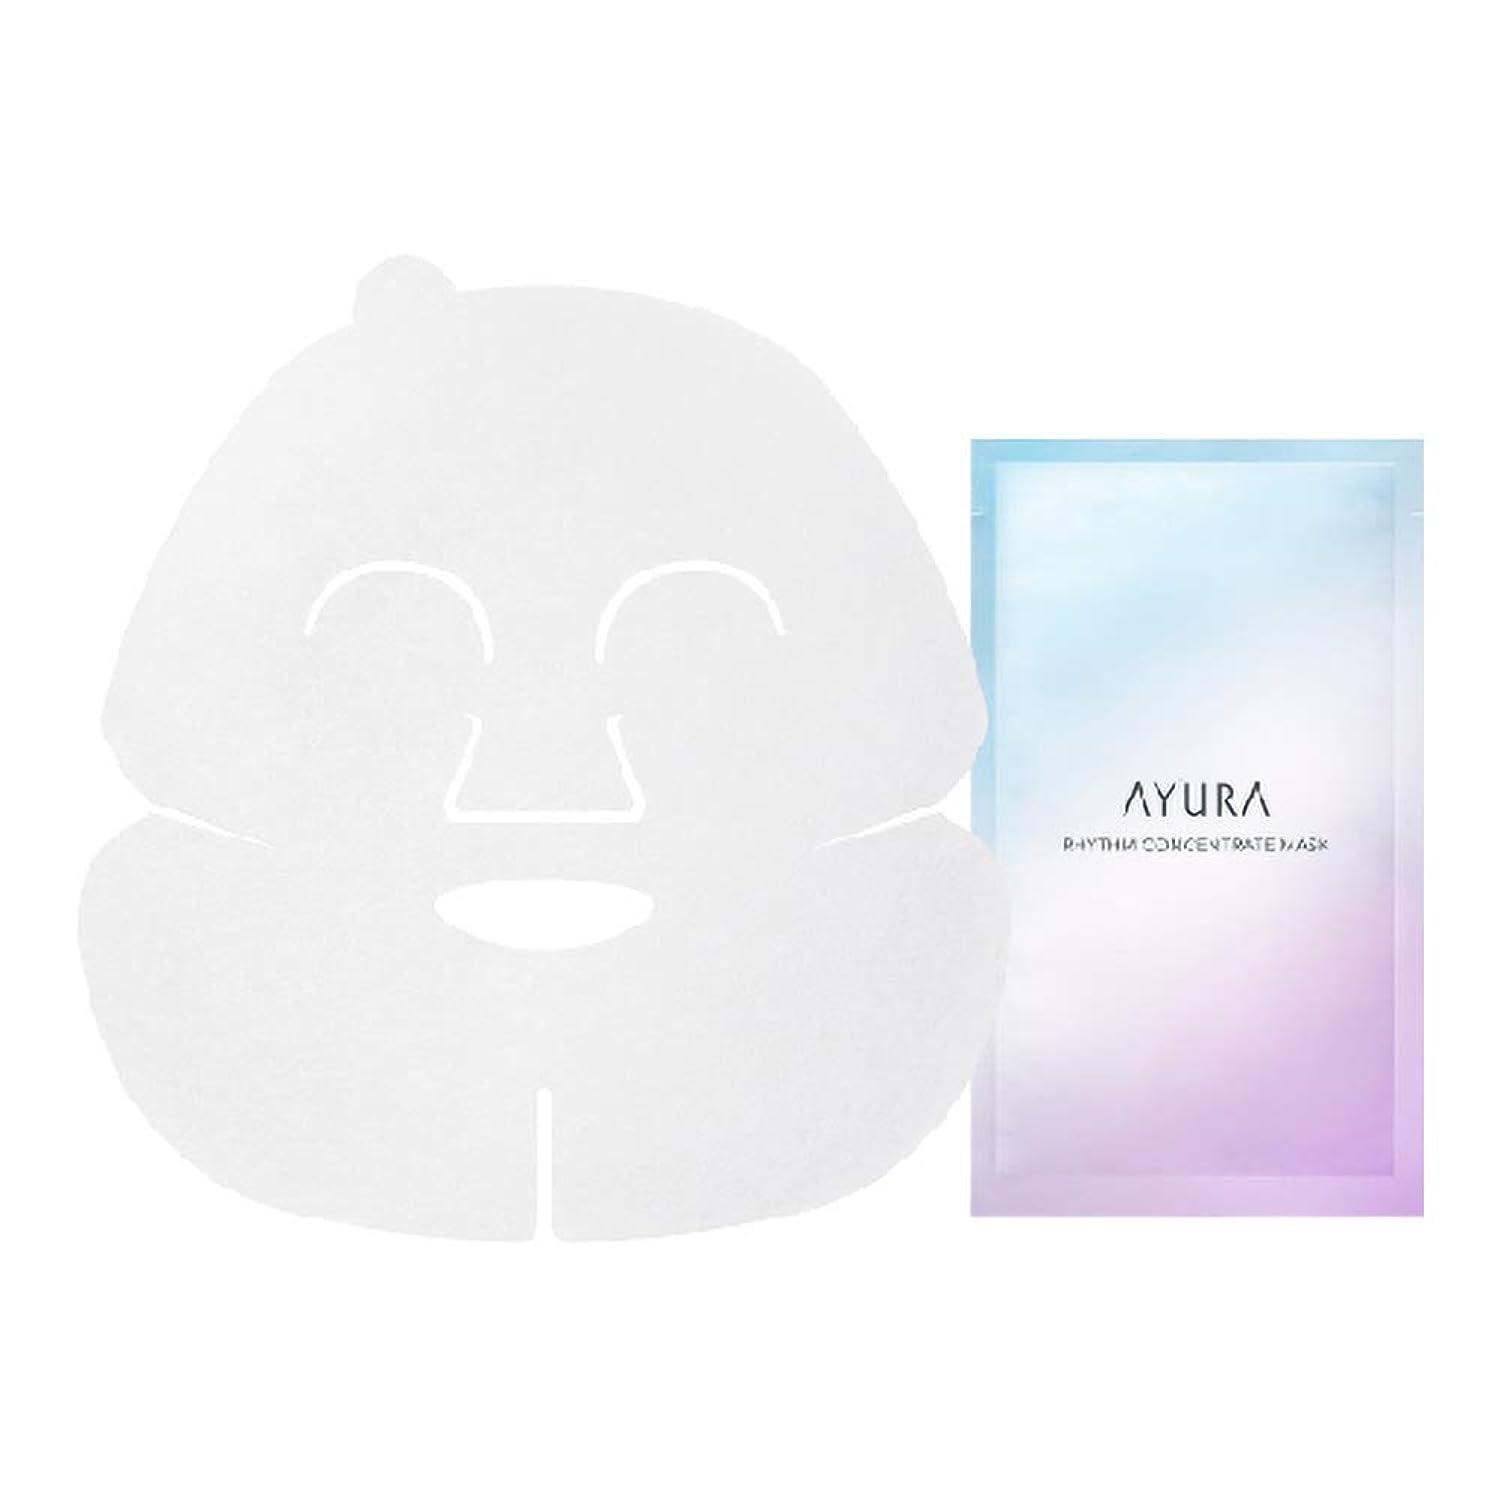 コンサートバング支配的アユーラ (AYURA) リズムコンセントレートマスク 23mL×6枚入 〈美容液マスク〉